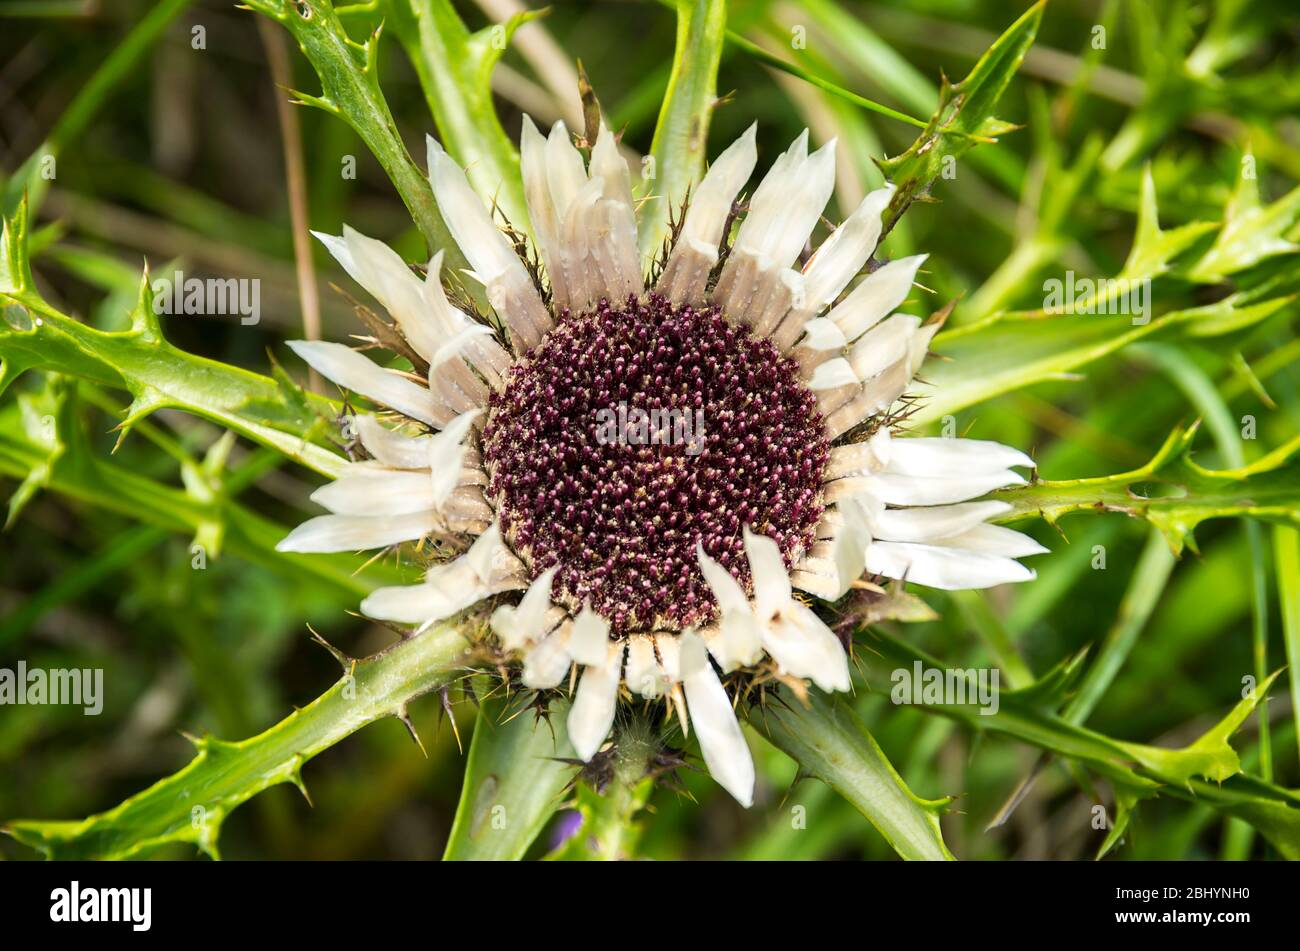 Blühendes Exemplar einer Distelpflanze, hier eine silberne Distel, Carlina acaulis. Stockfoto